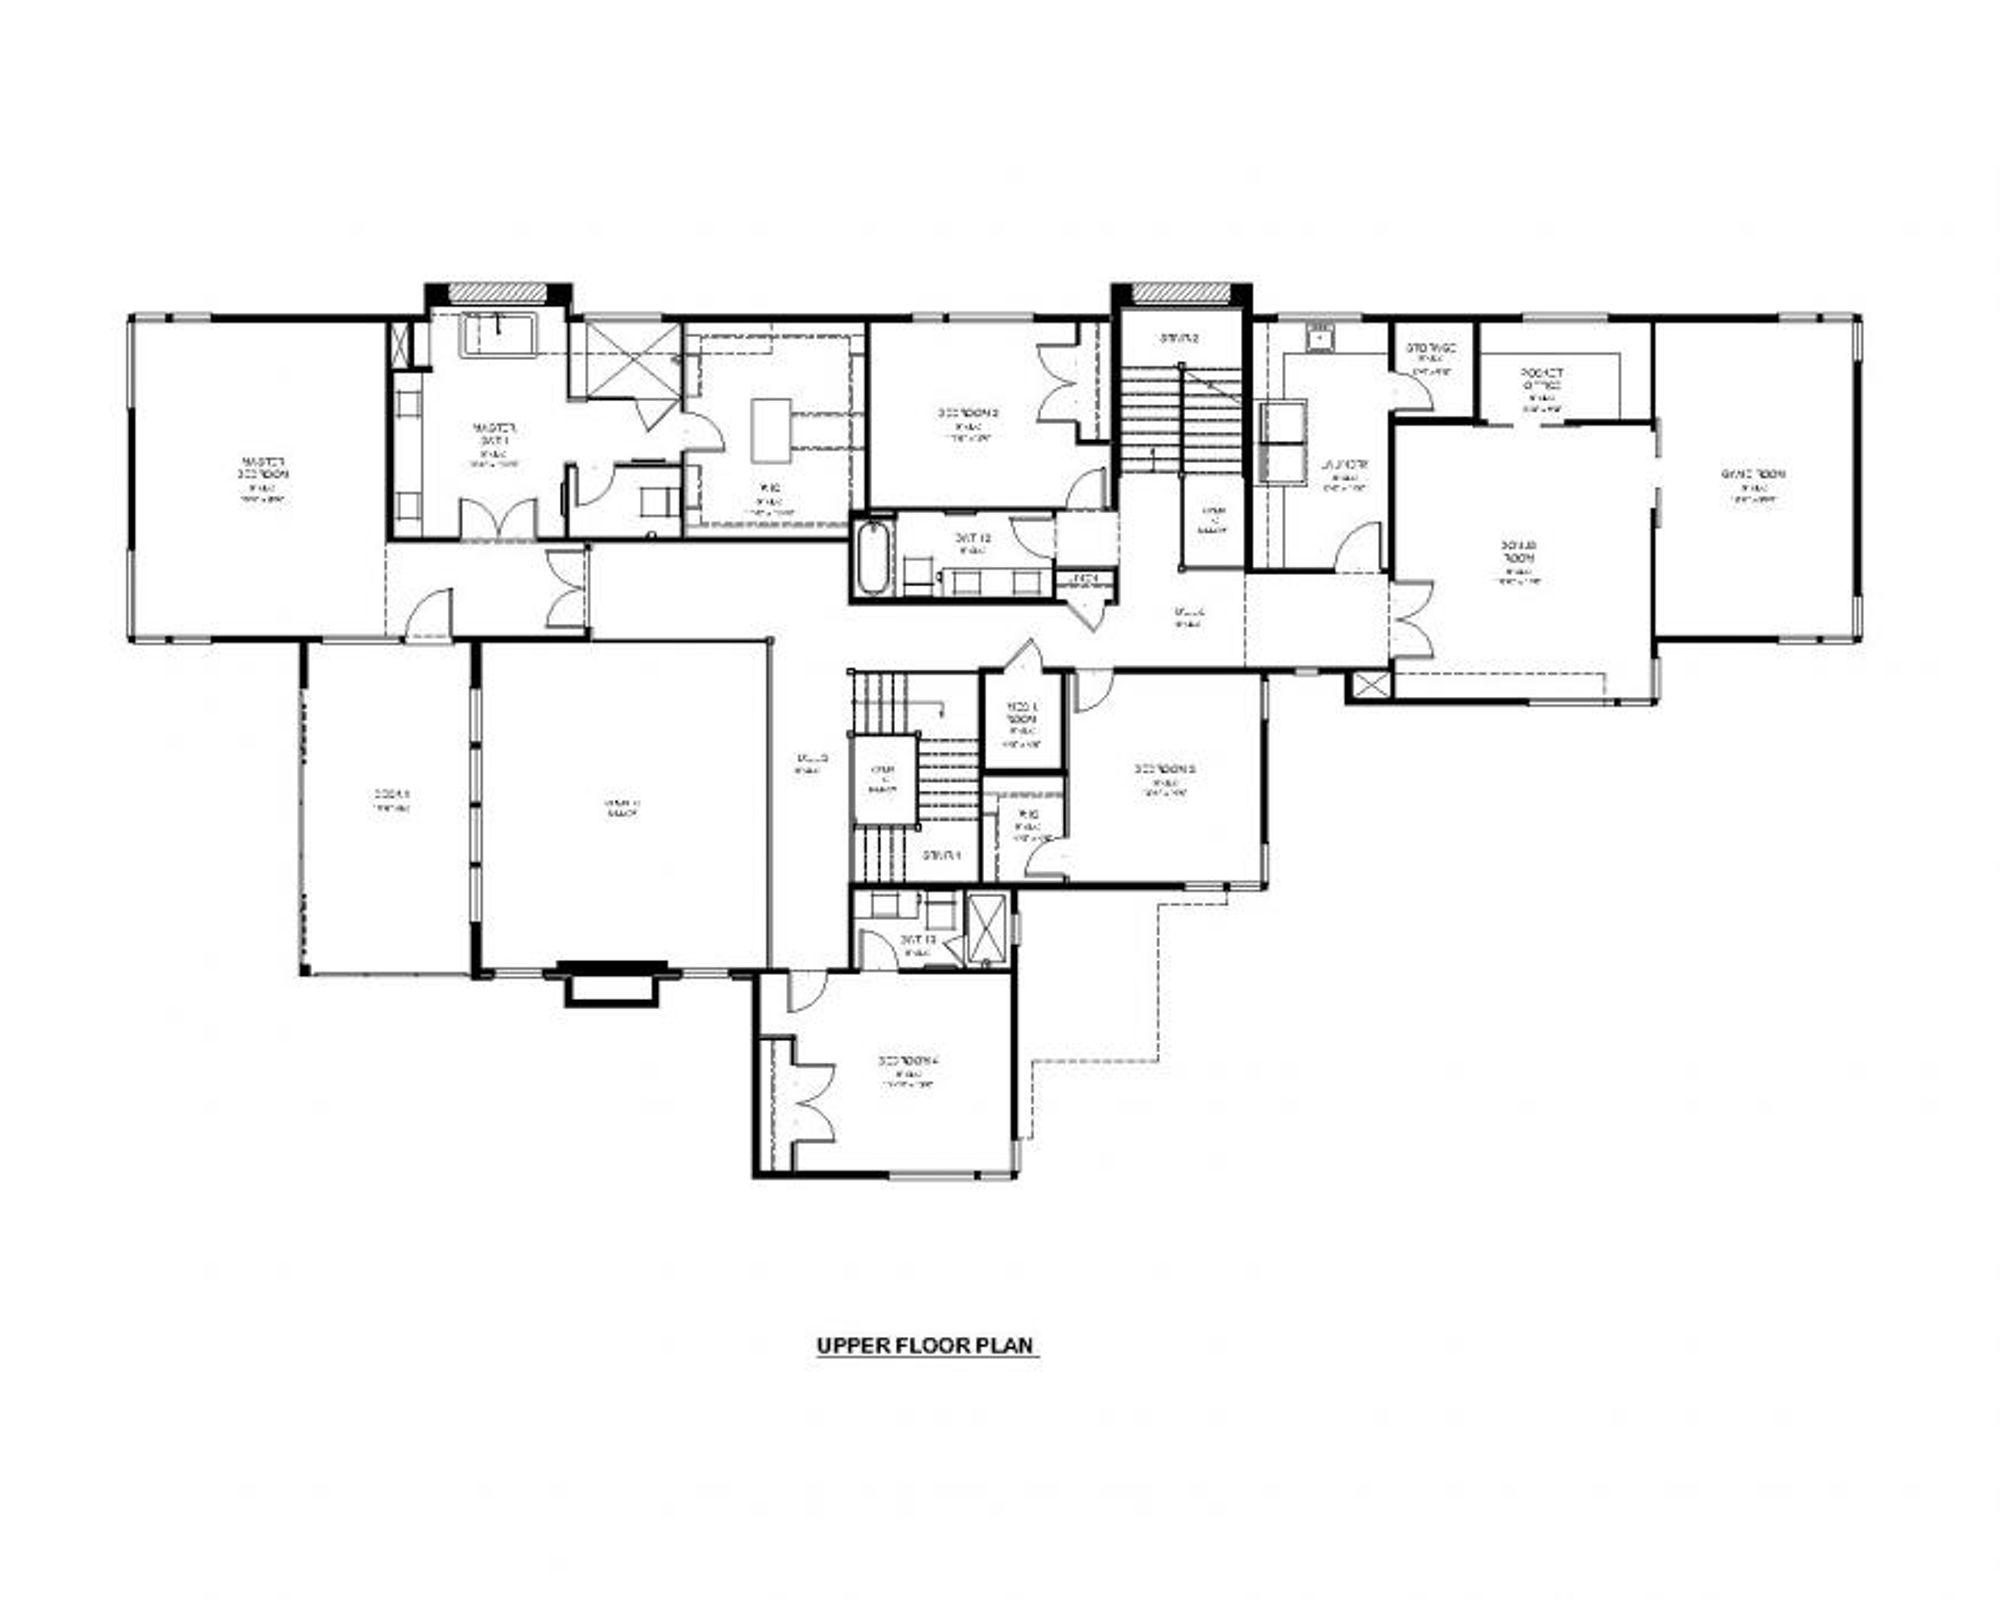 Delhi Upper Floor Plan